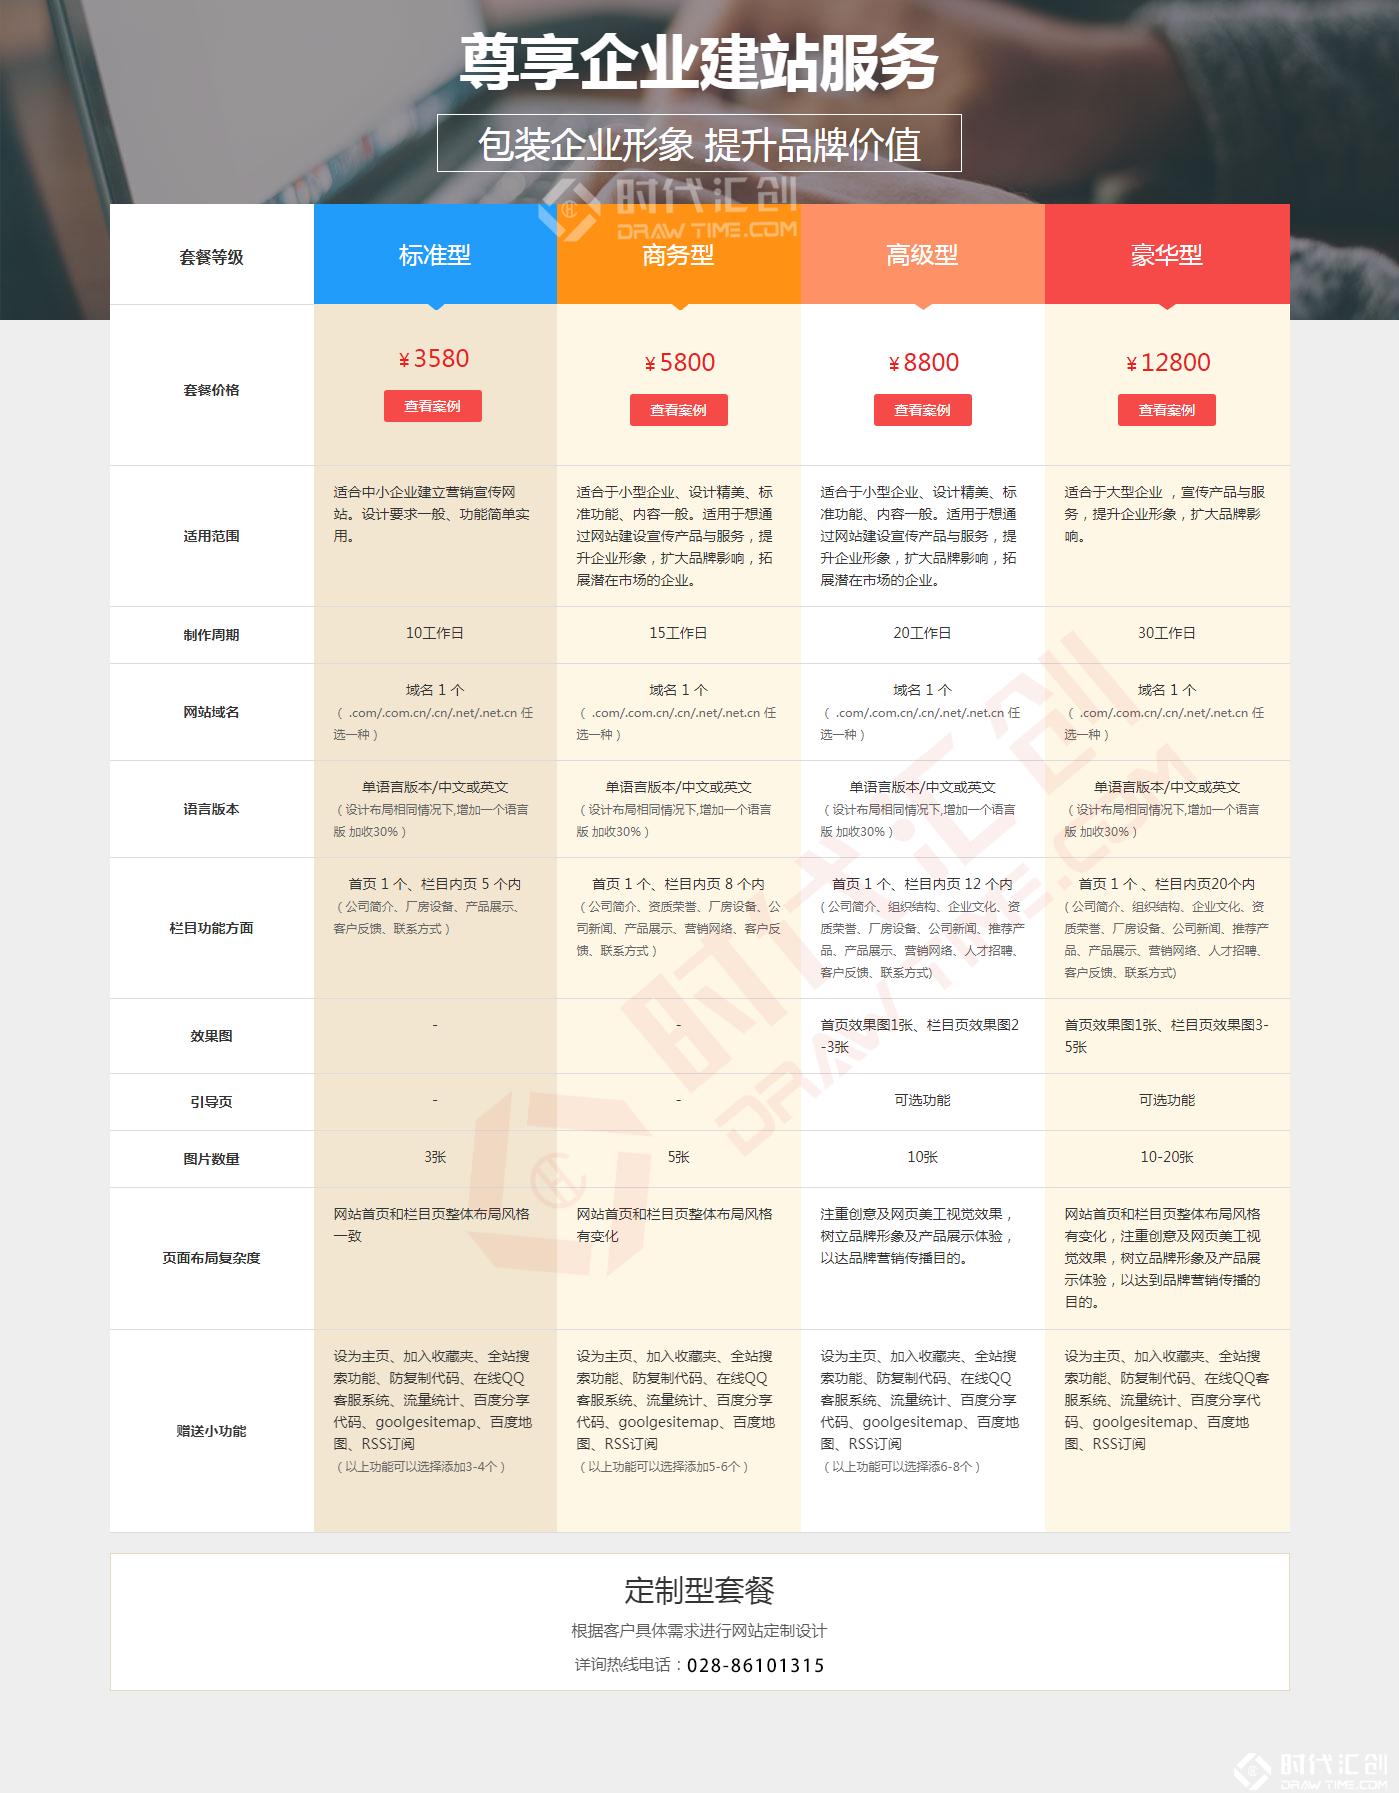 企业网站制作报价明细_成都网站建设明细报价表